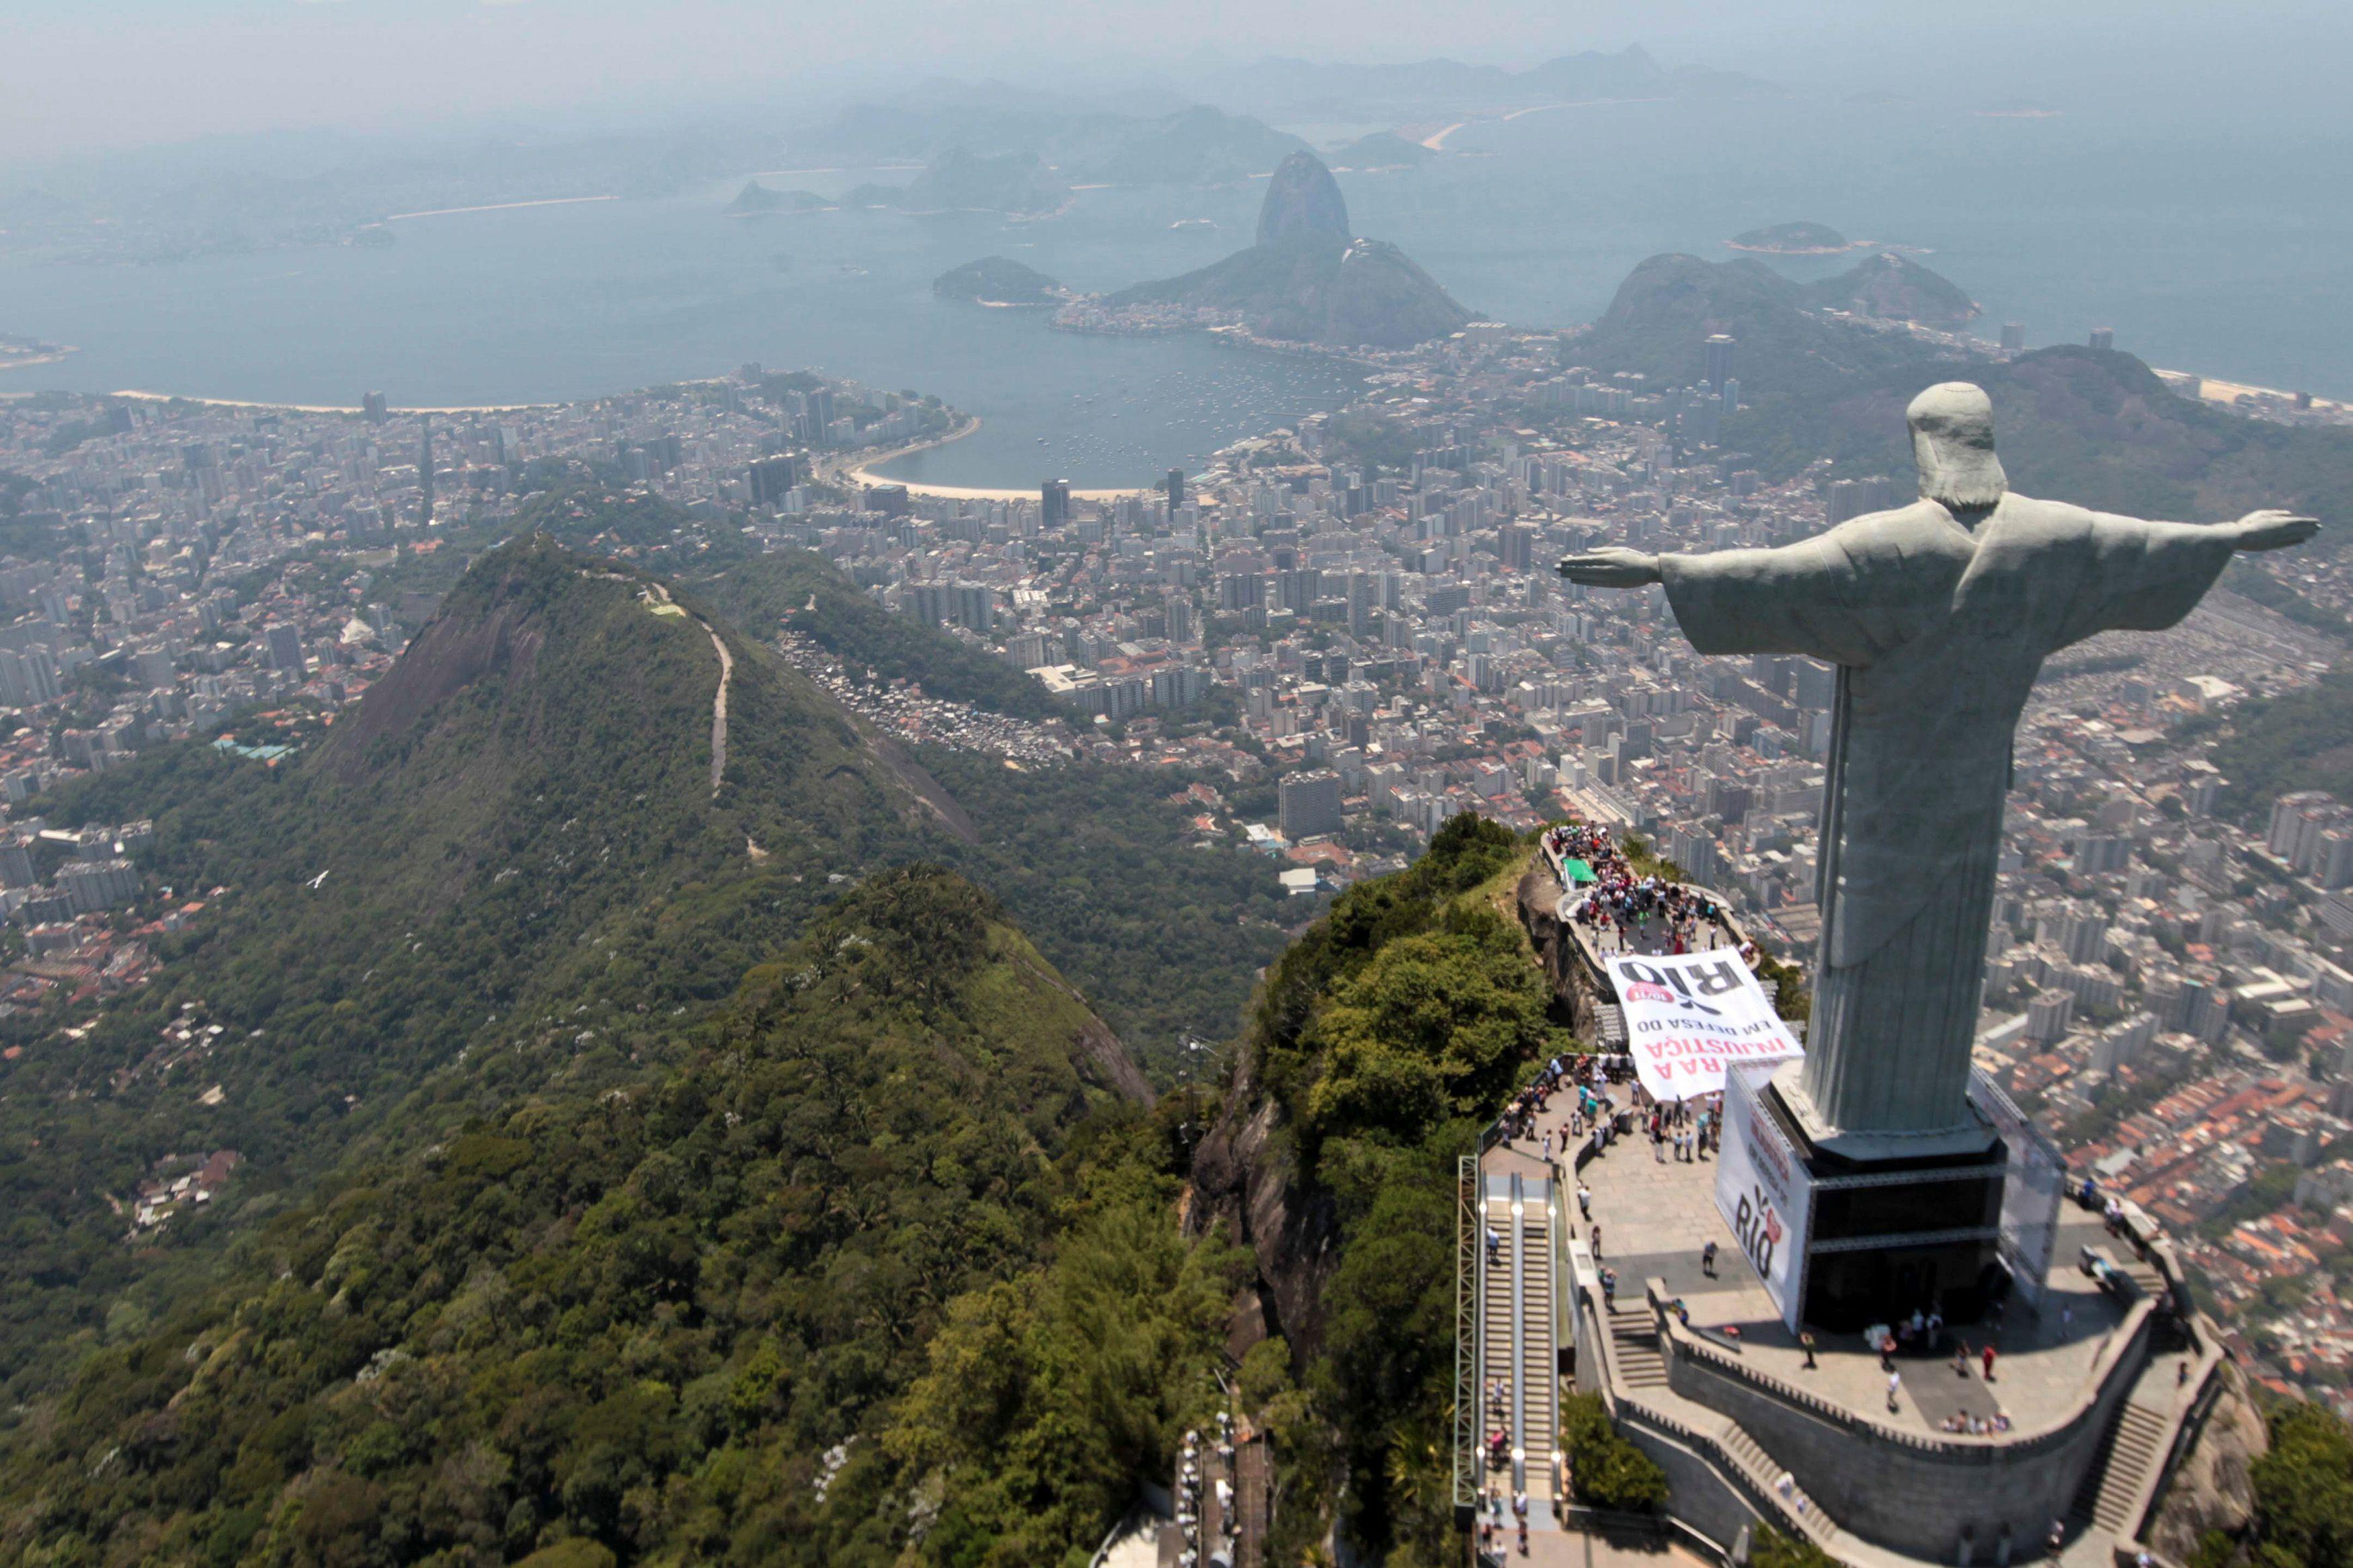 """Depuis 2008 une vaste opération de """"pacification des favelas de Rio de Janeiro"""" a été lancée au Brésil"""